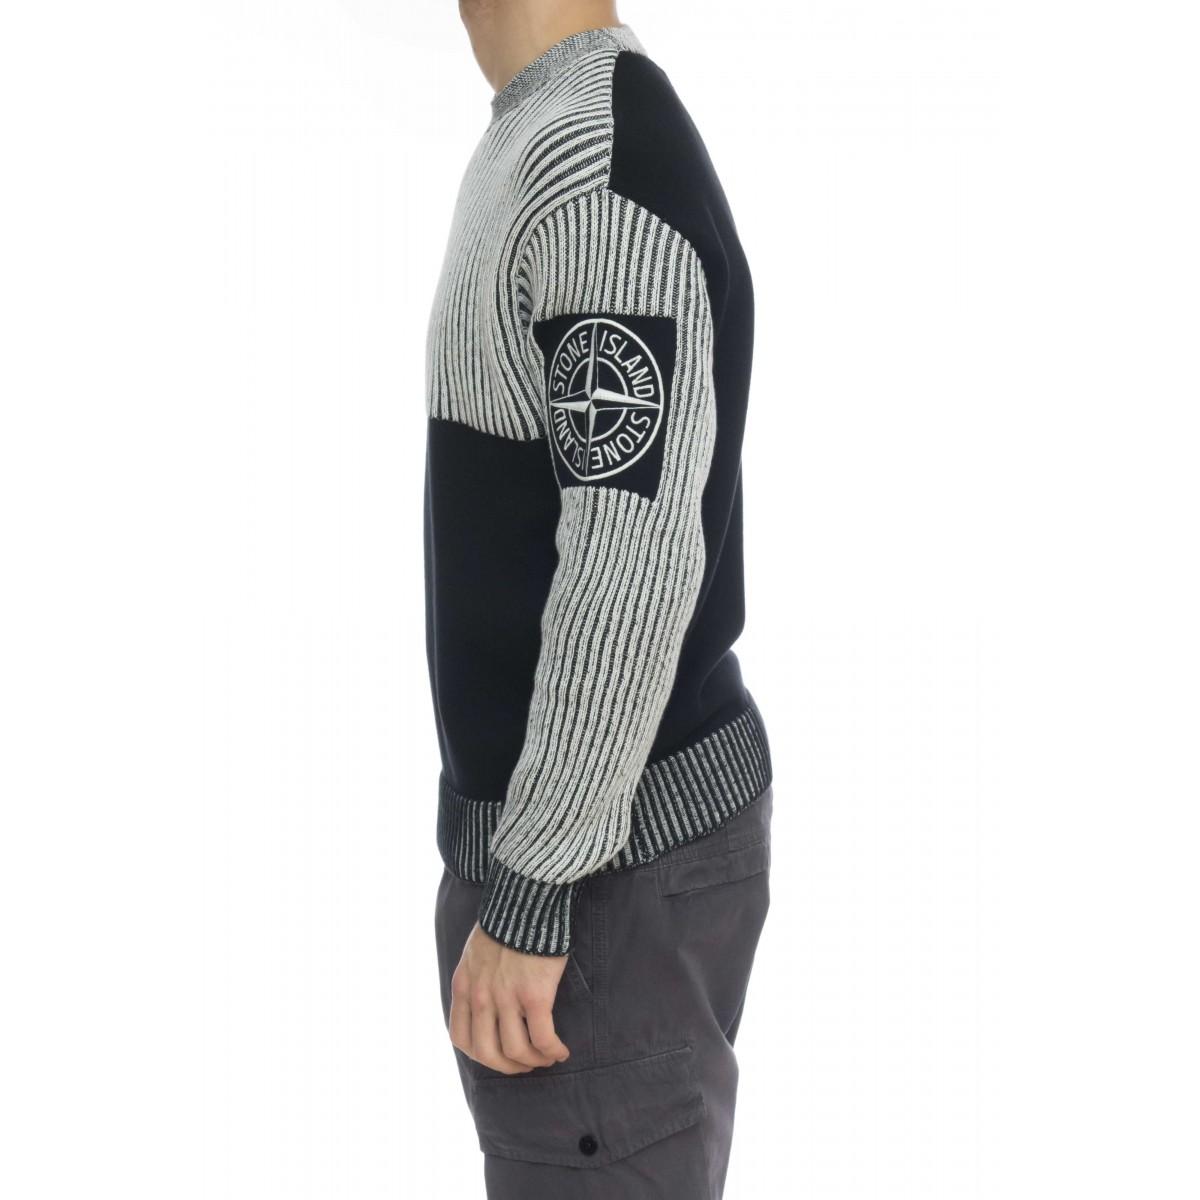 Maglieria - 508d1 maglia special logo coste bicolor